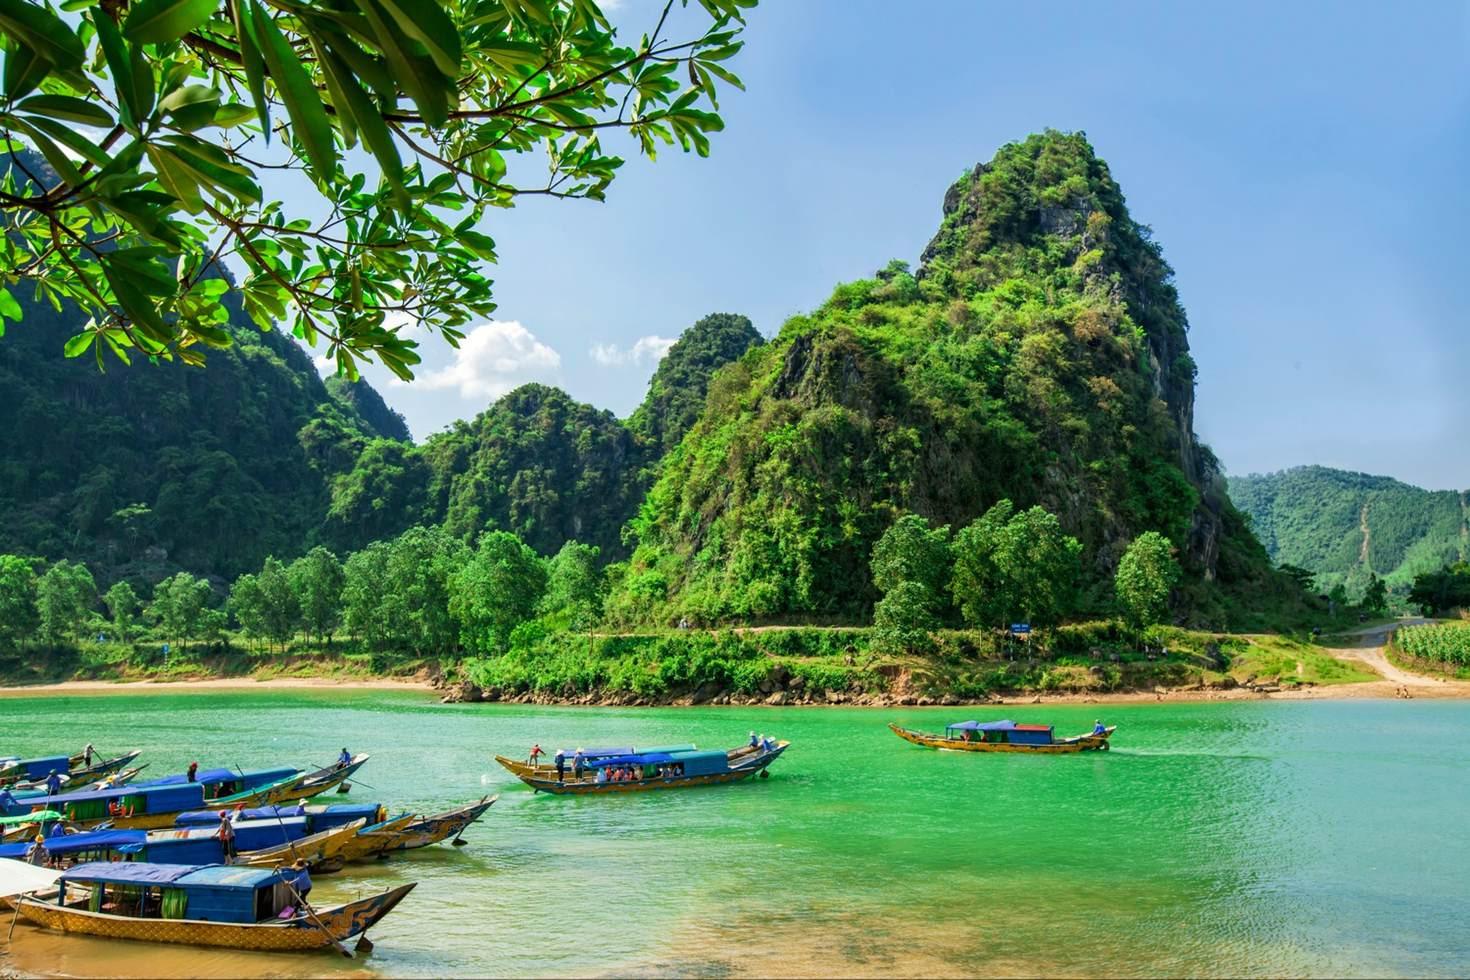 Du lịch Phong Nha - ảnh 1